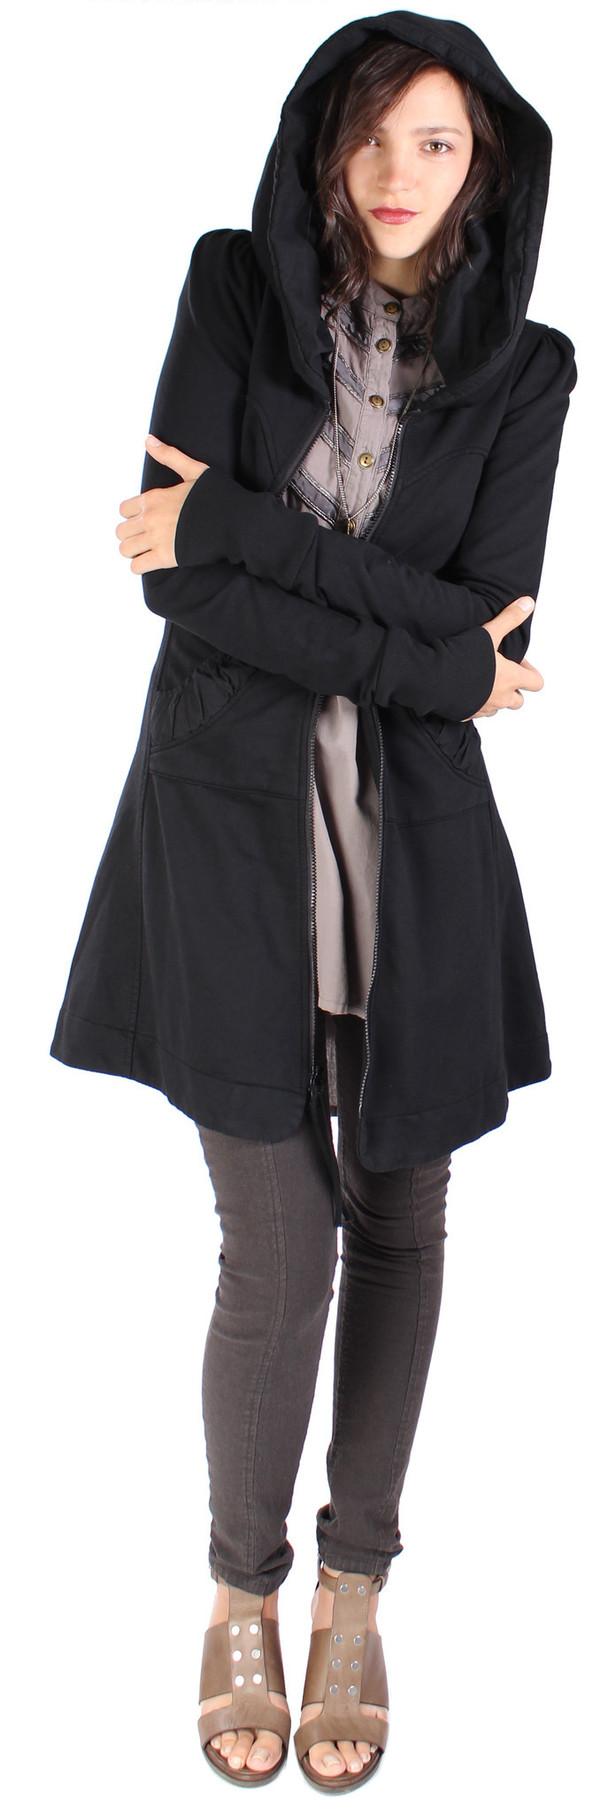 Prairie Underground Long Cloak Hoodie in Black